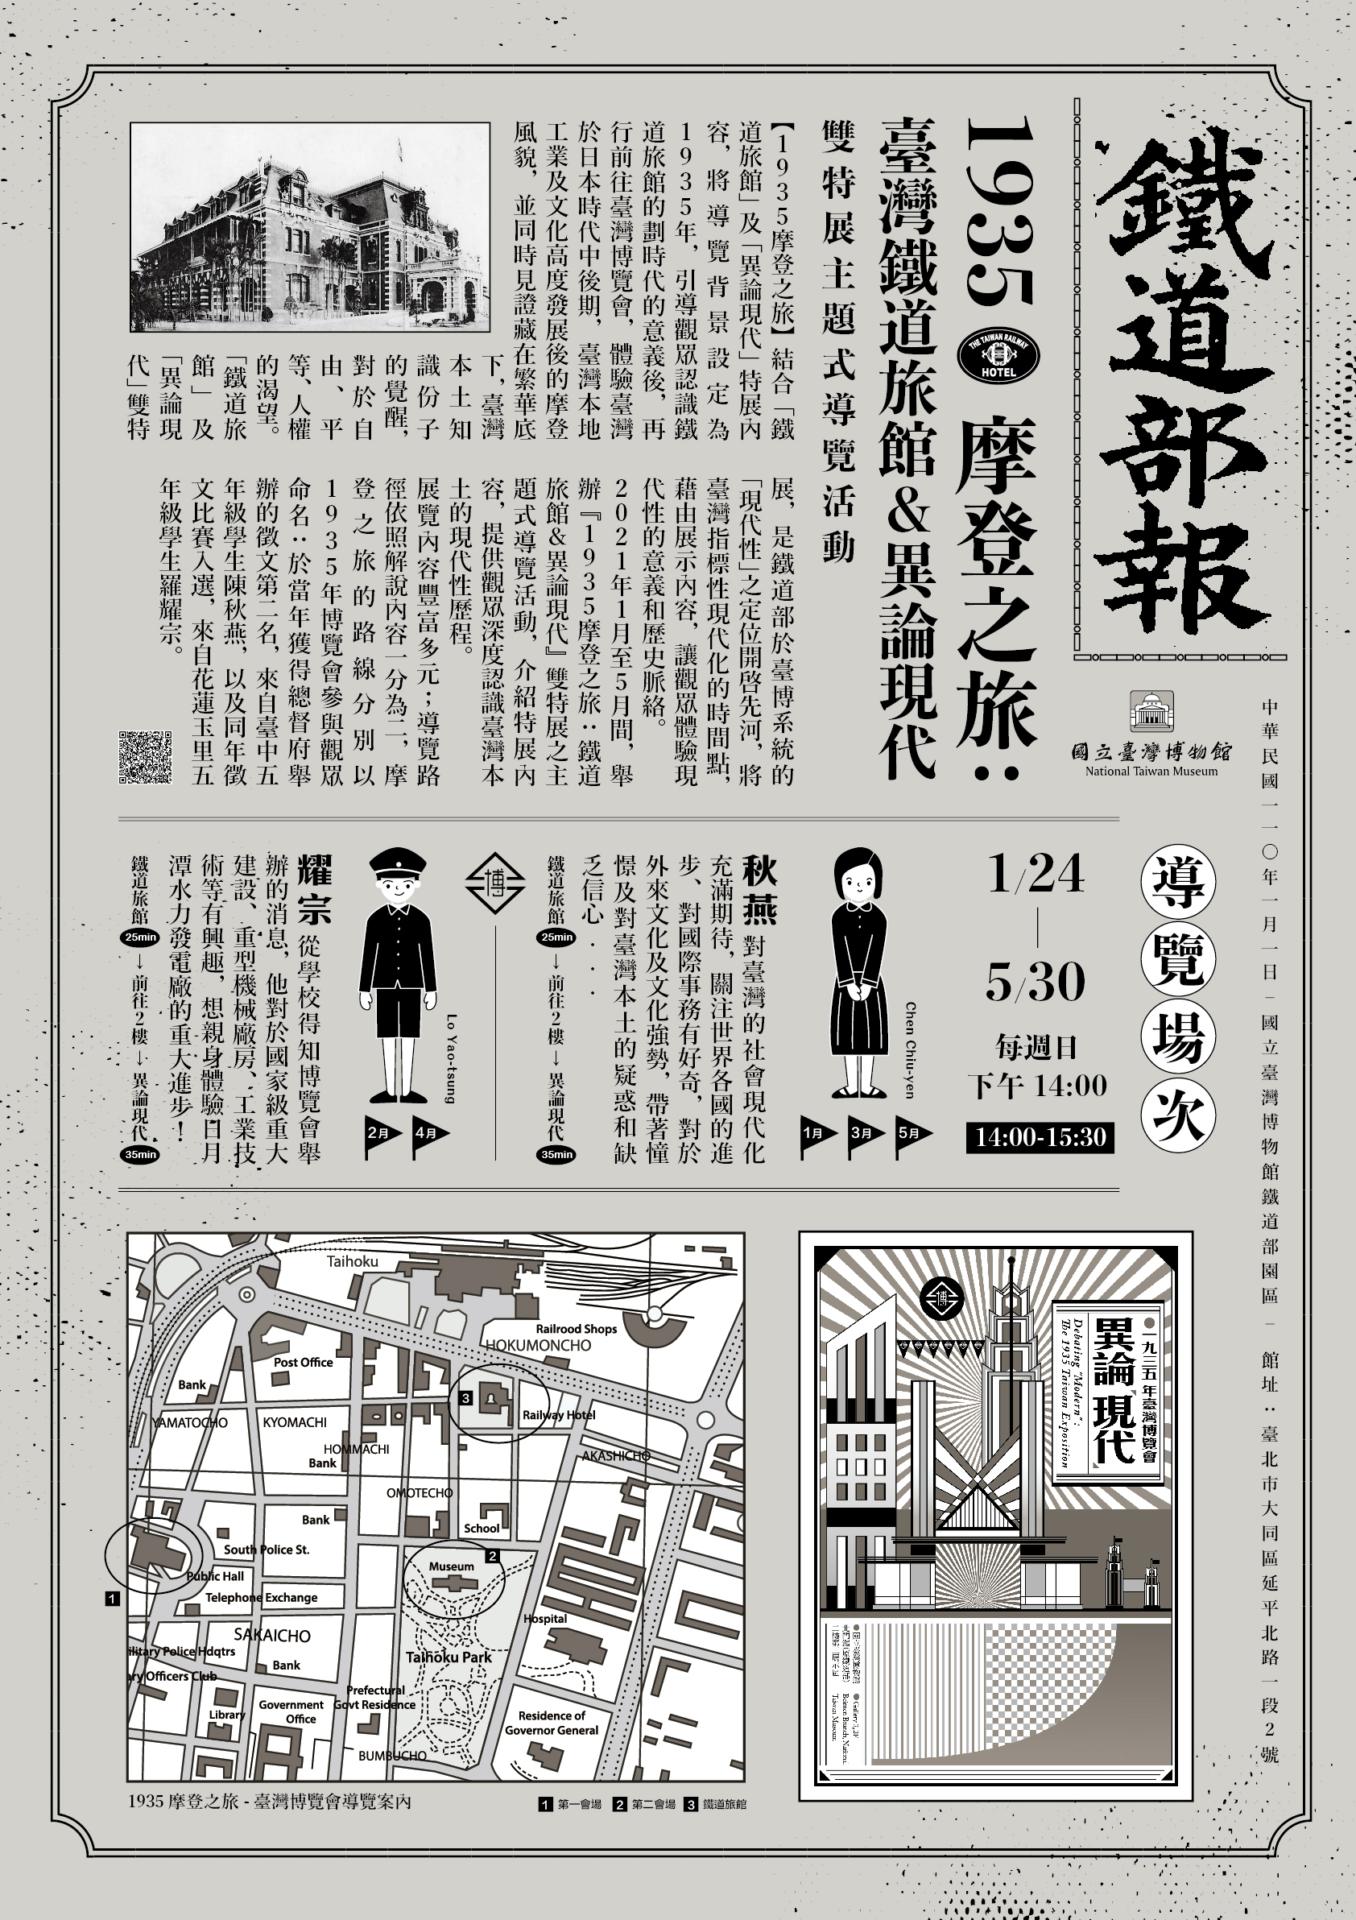 國立臺灣博物館:2021/3/7、3/14、3/21、3/28【「1935摩登之旅」雙特展主題式導覽活動】